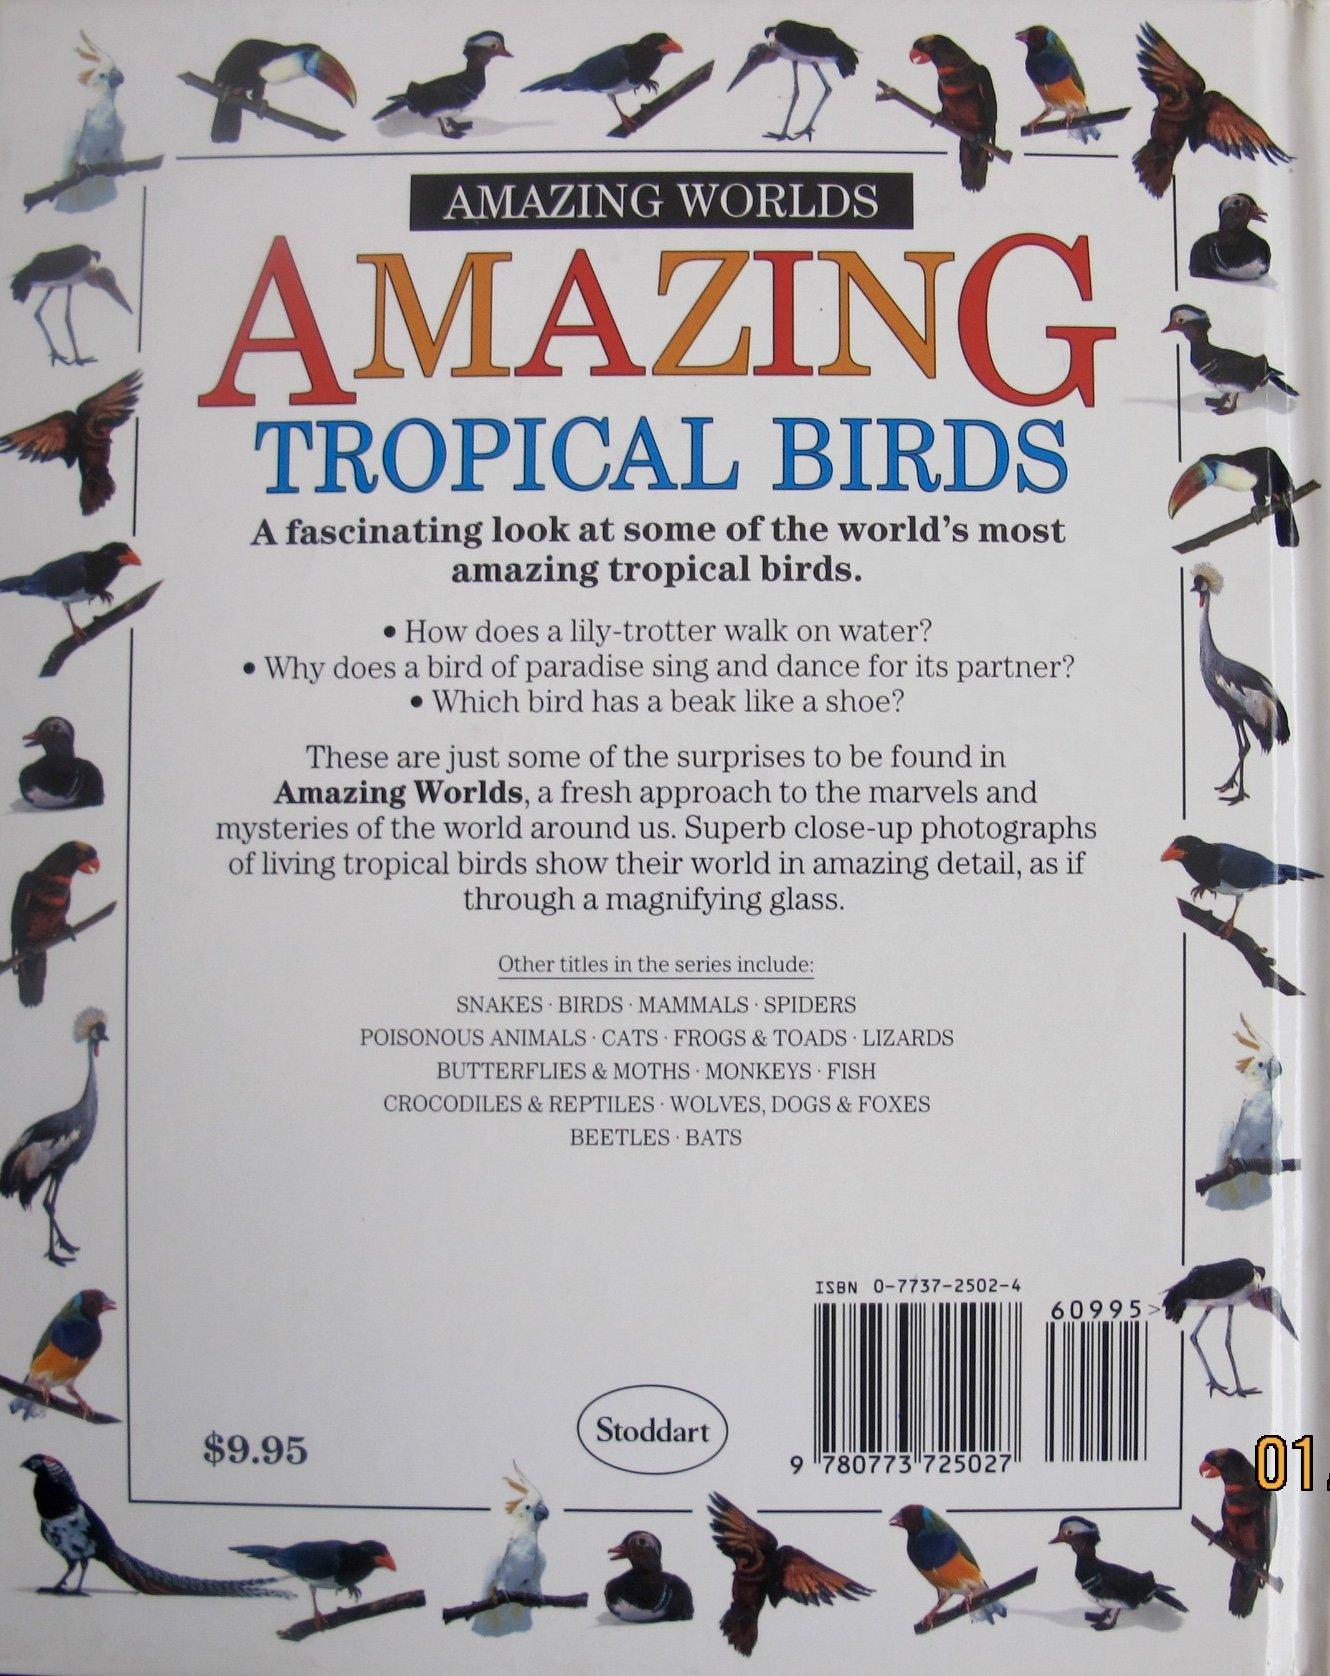 Amazing Worlds: Amazing Tropical Birds: Gerald Legg